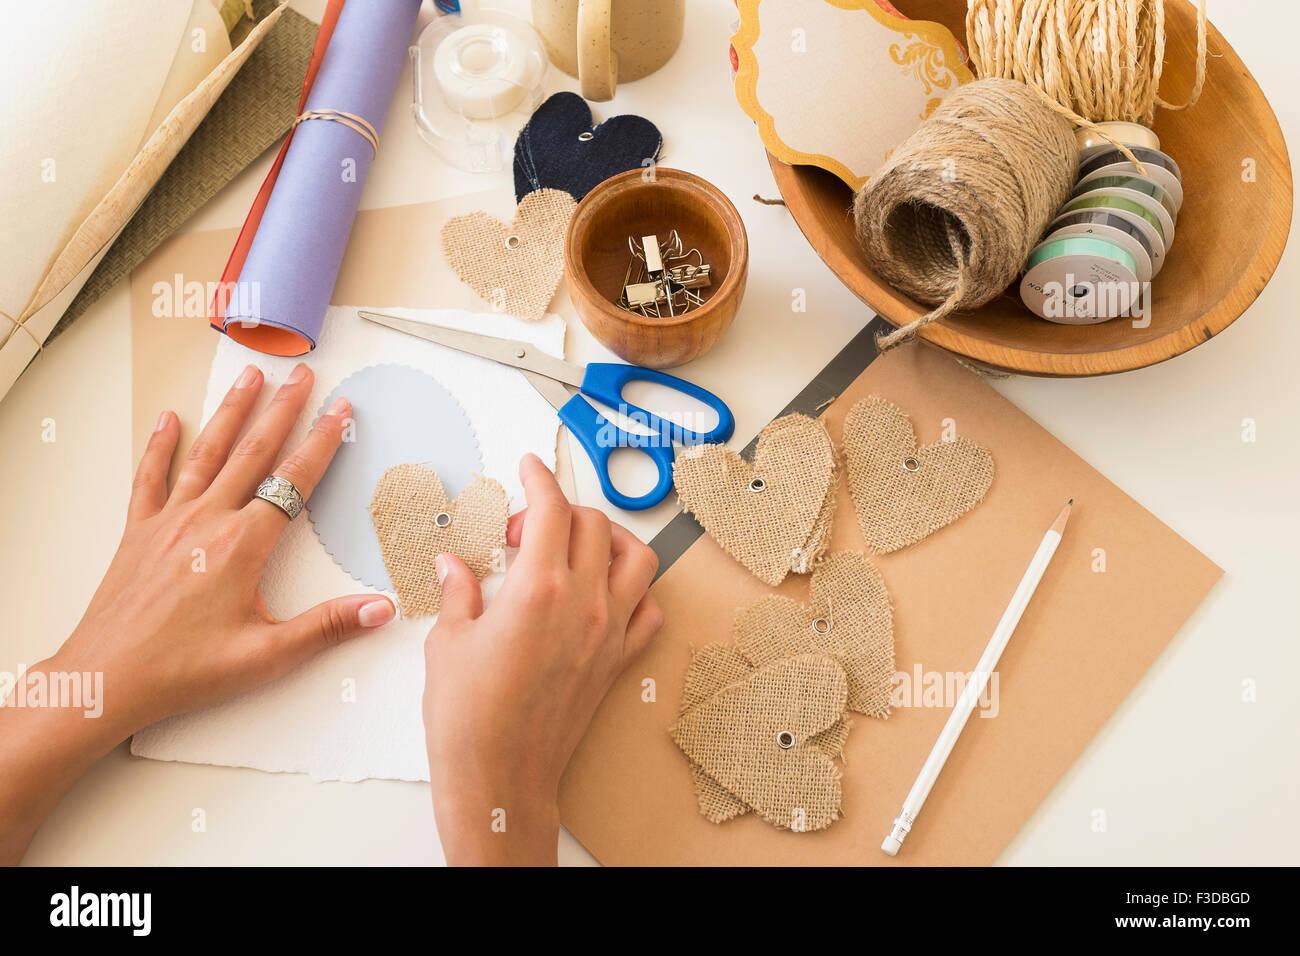 Attrezzature artigianali su tavola Immagini Stock